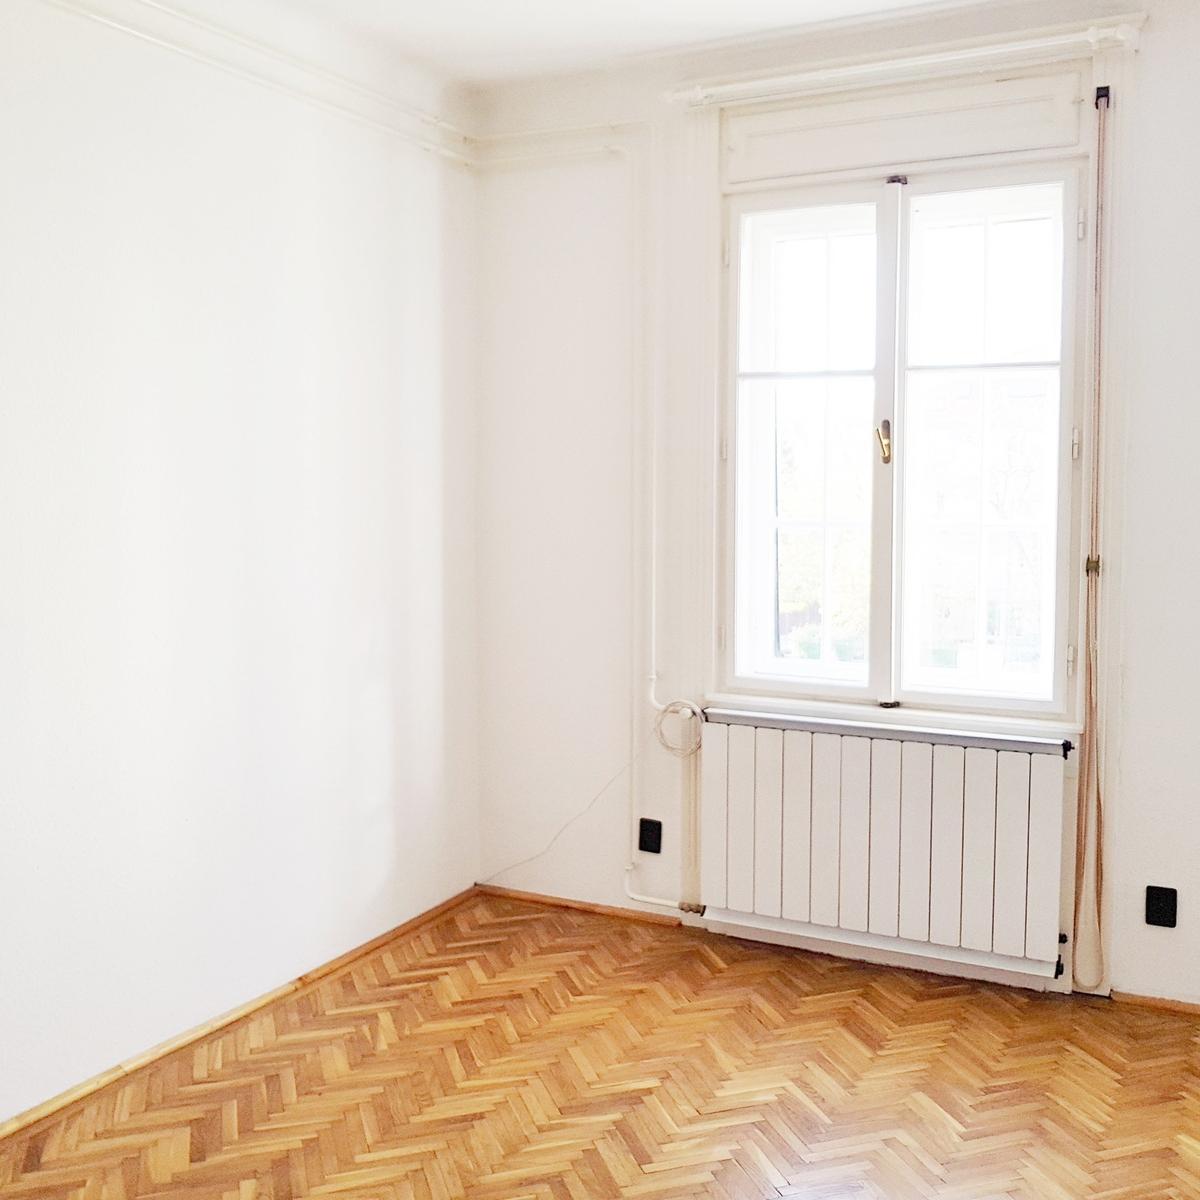 Kiadó  iroda lakásban (Budapest, XIV. kerület) 165 E  Ft/hó